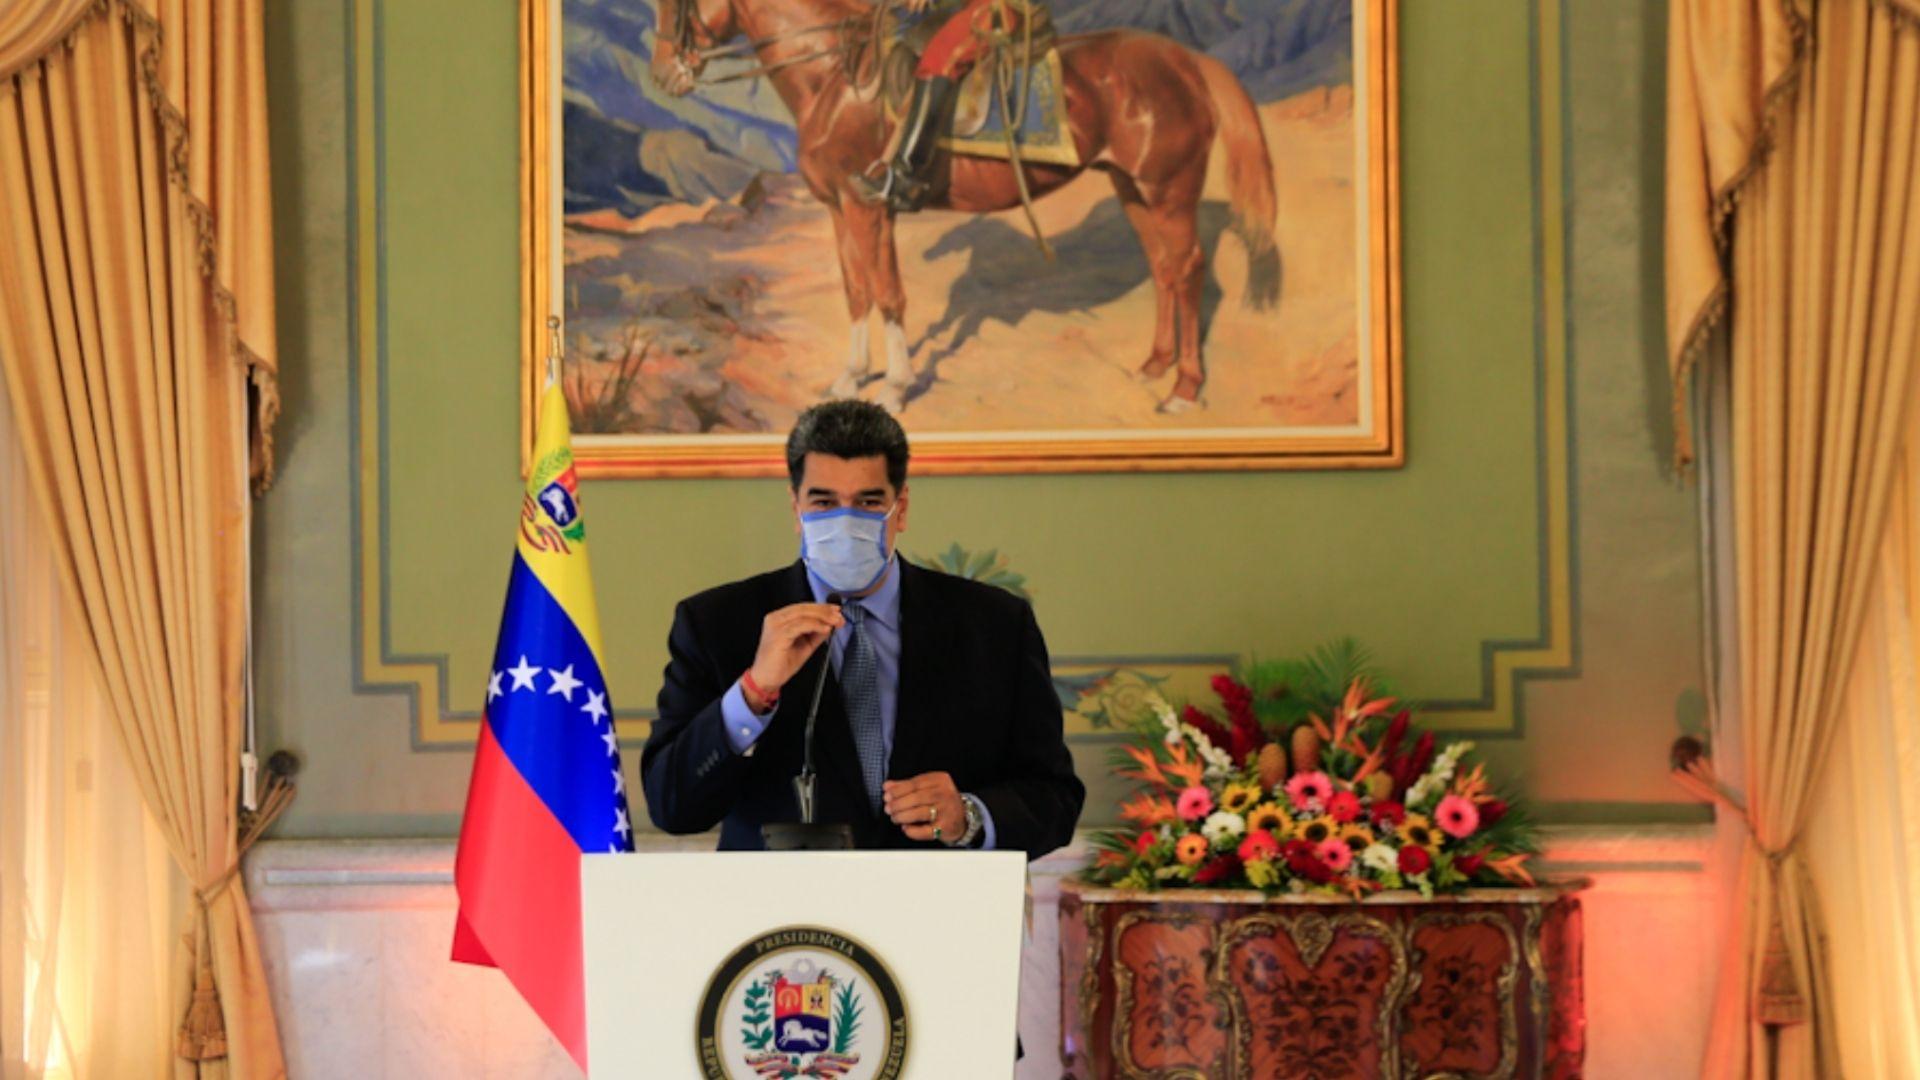 Maduro votará en Fuerte Tiuna aunque está inscrito en un centro electoral de Catia